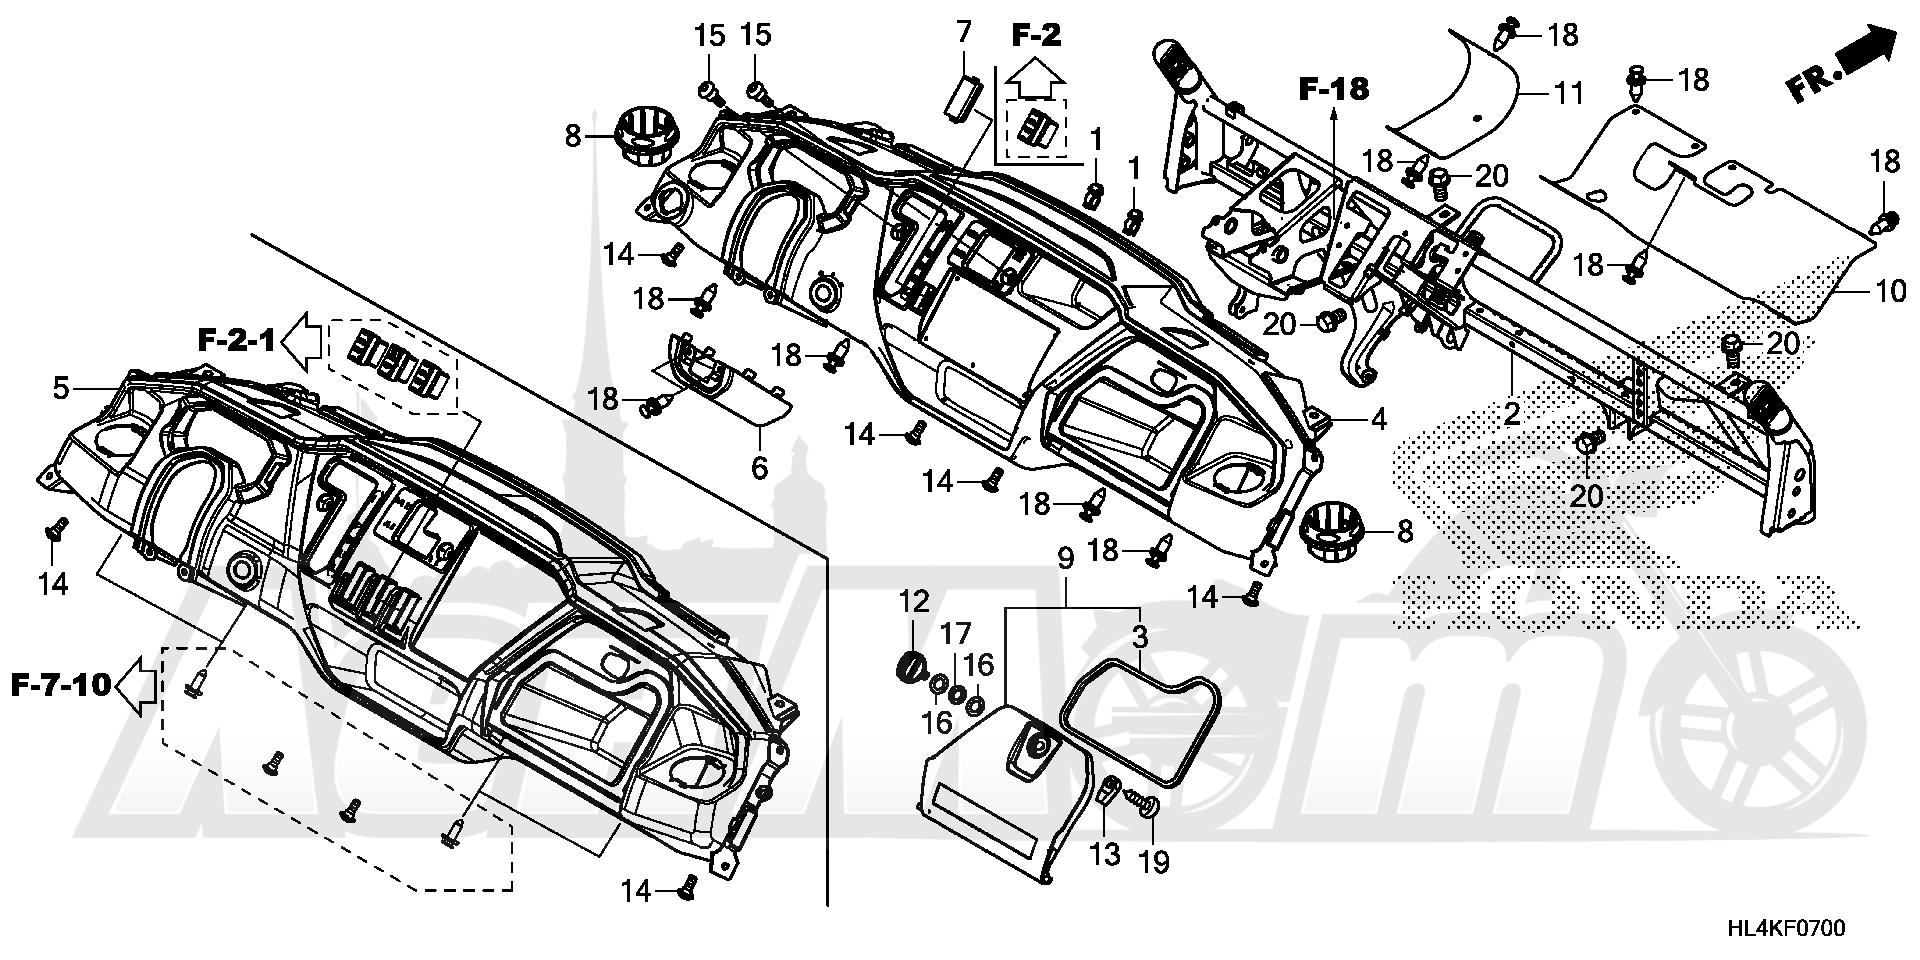 Запчасти для Квадроцикла Honda 2019 SXS1000M5D Раздел: INSTRUMENT PANEL | приборная панель